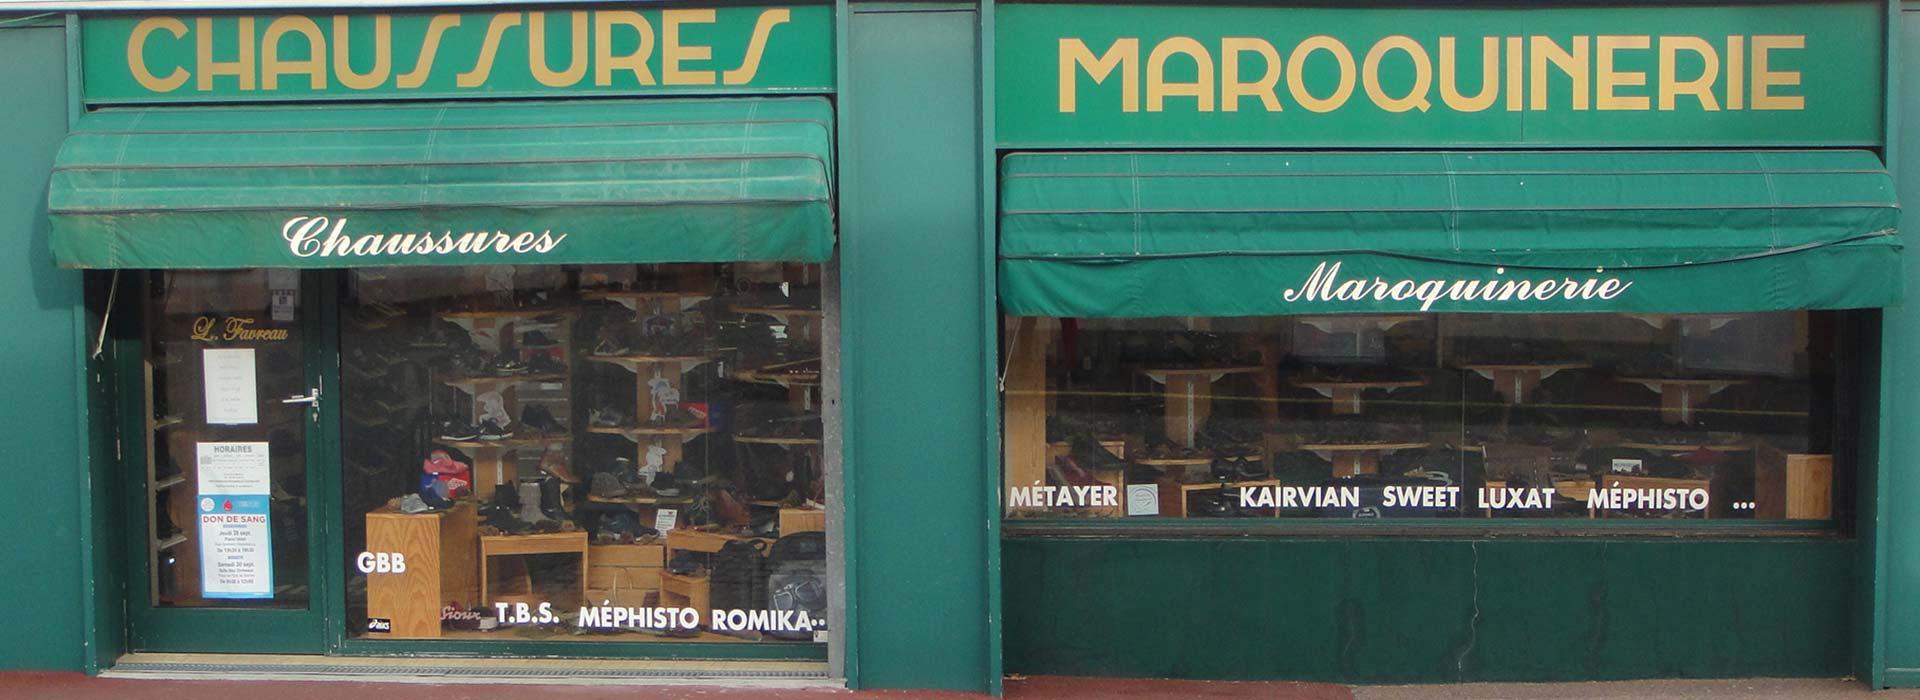 Bienvenue sur la boutique de Chaussures Maroquinerie L.Favreau